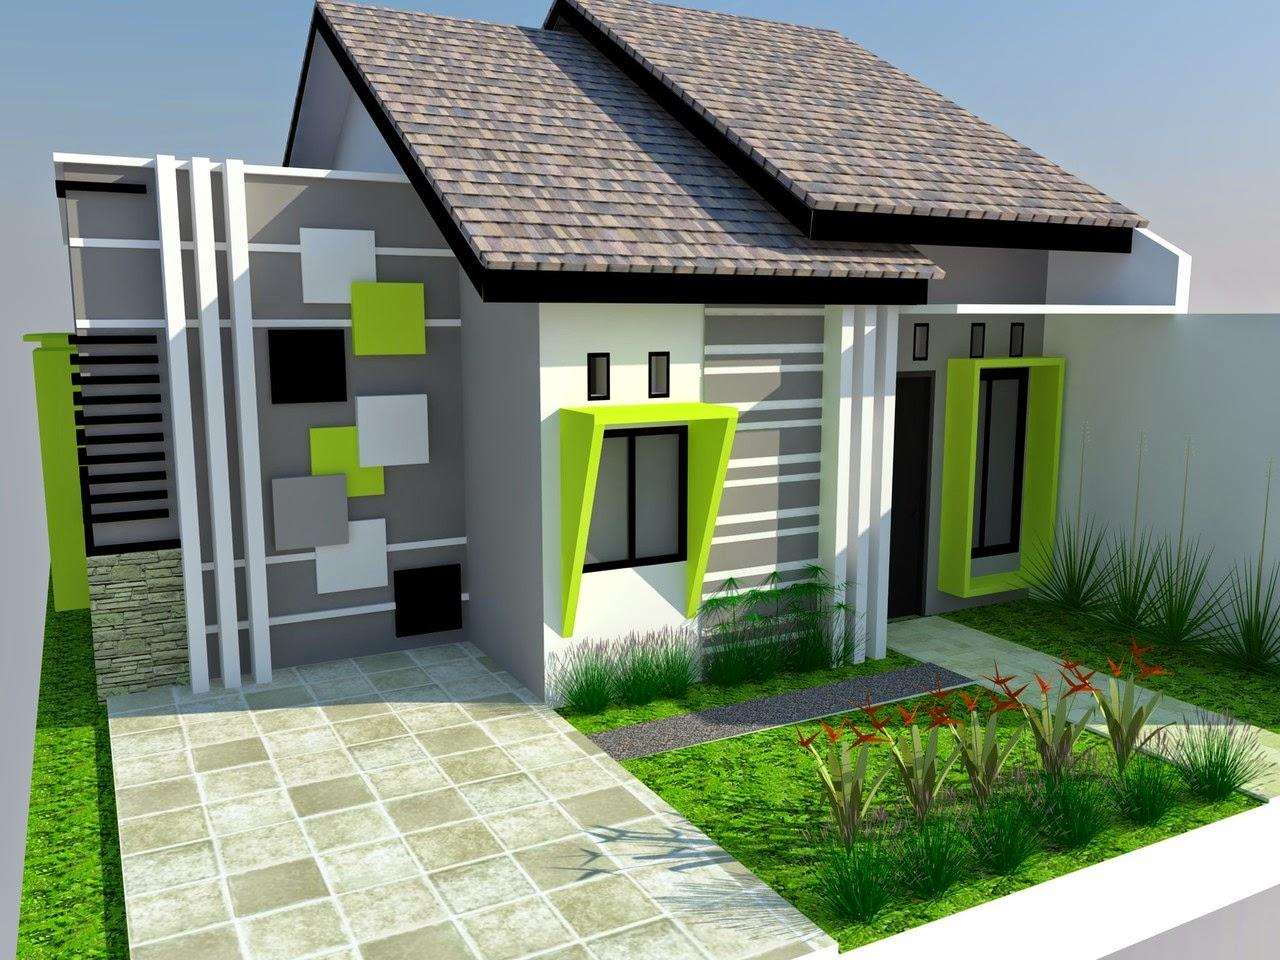 105 Gambar Rumah Idaman Minimalis Sederhana Gambar Desain Rumah